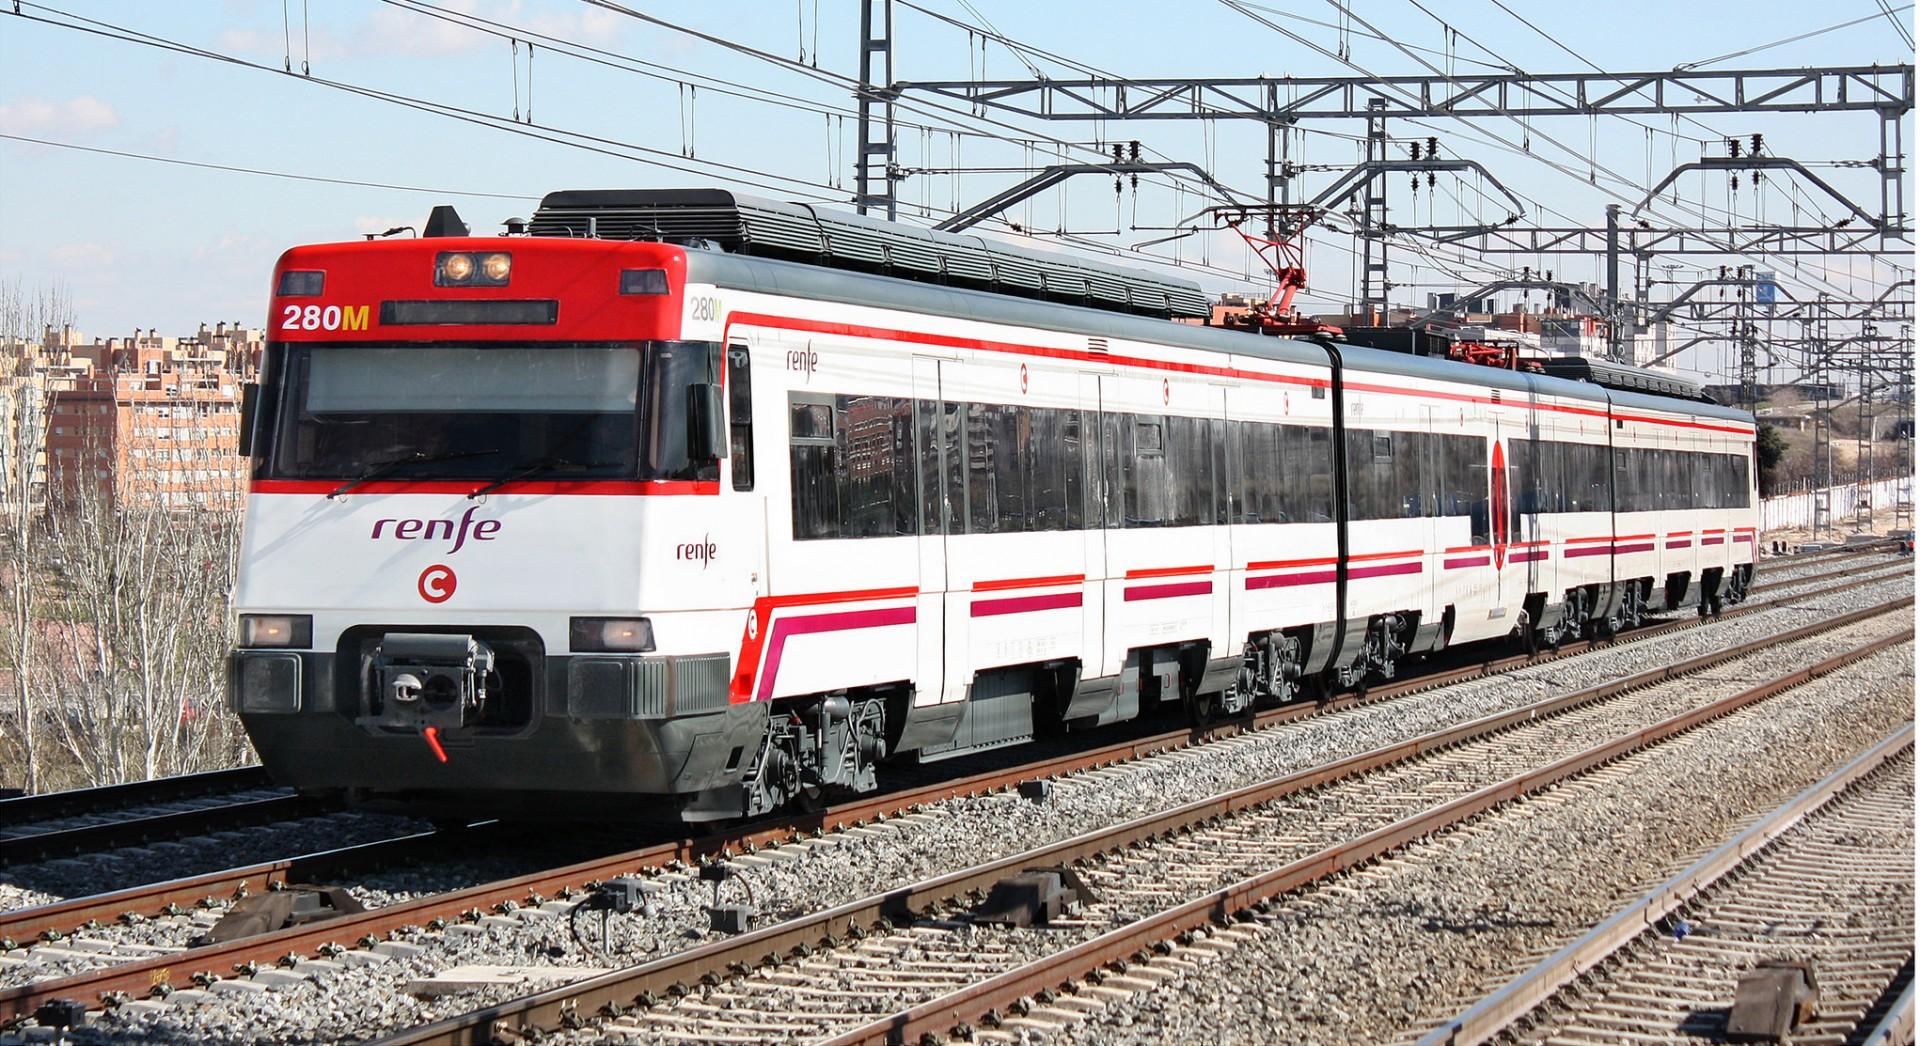 La 447-140 de Renfe Cercanías en pruebas por Fuente de la Mora luciendo la C en el logotipo. Foto: © Gonzalo Rubio.